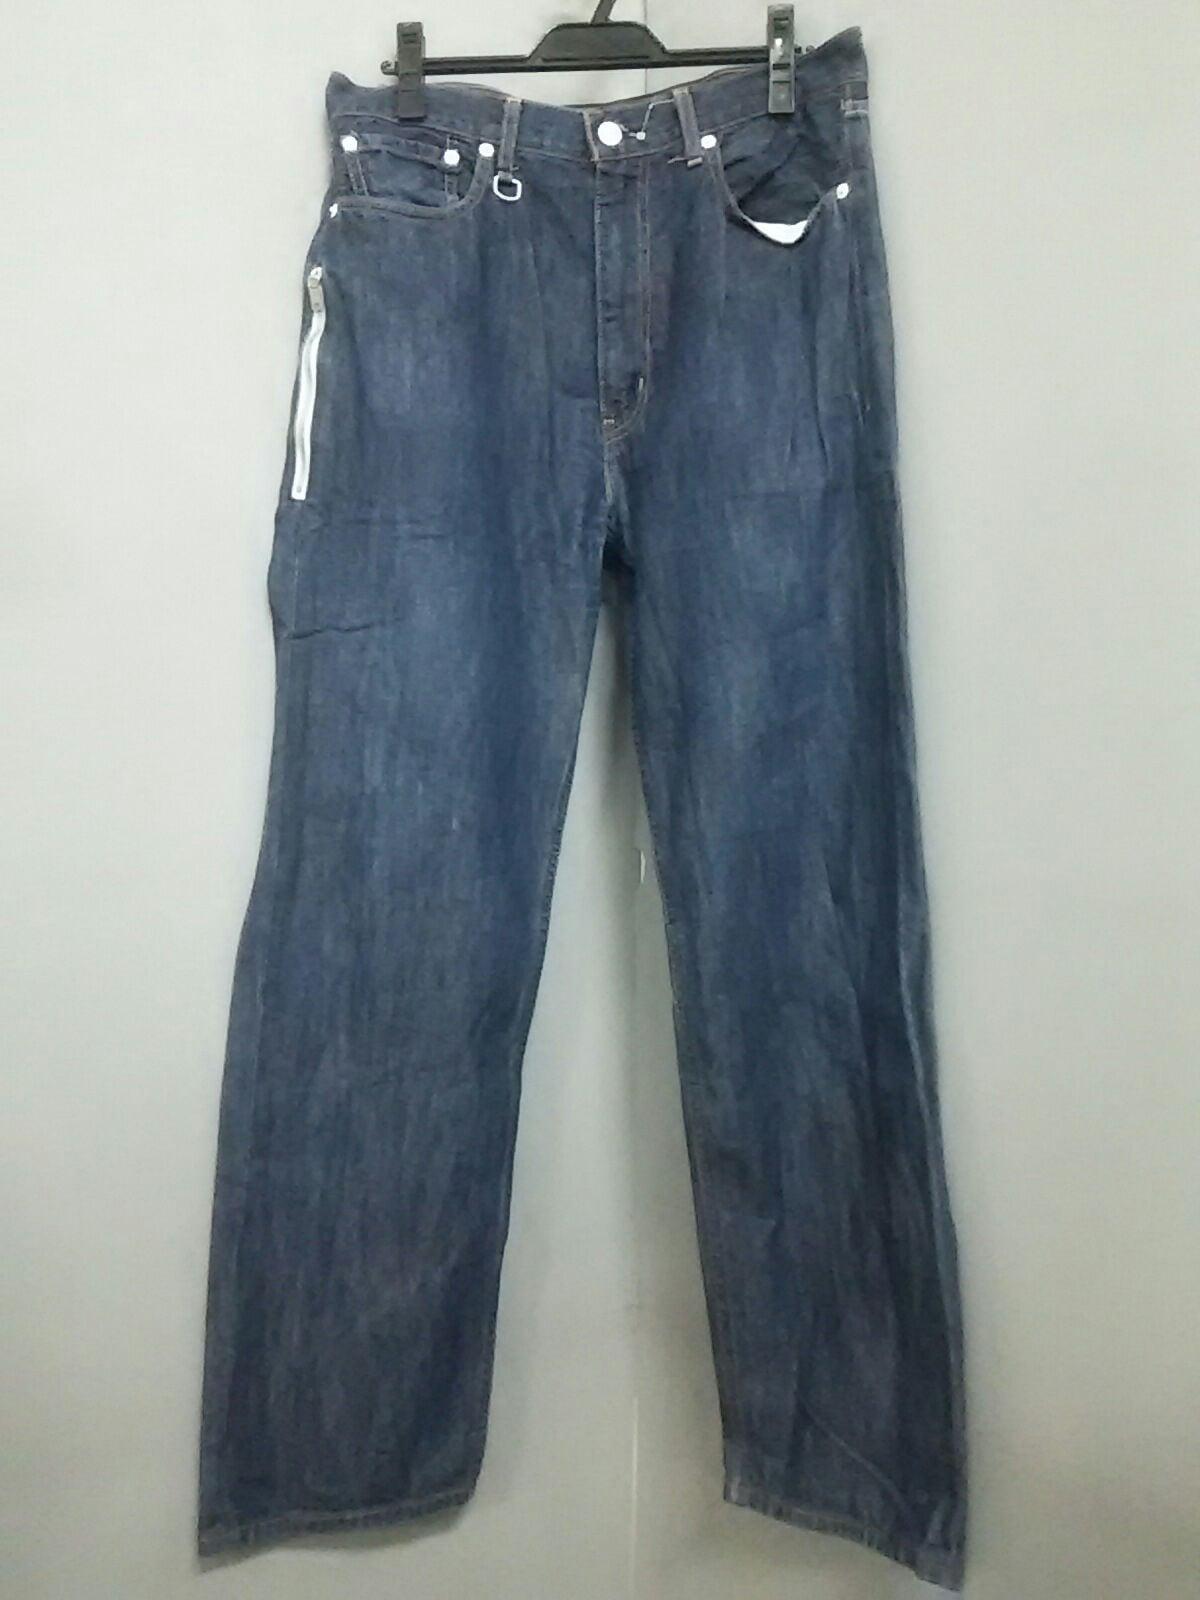 Levi'sFenom(リーバイスフェノム)のジーンズ